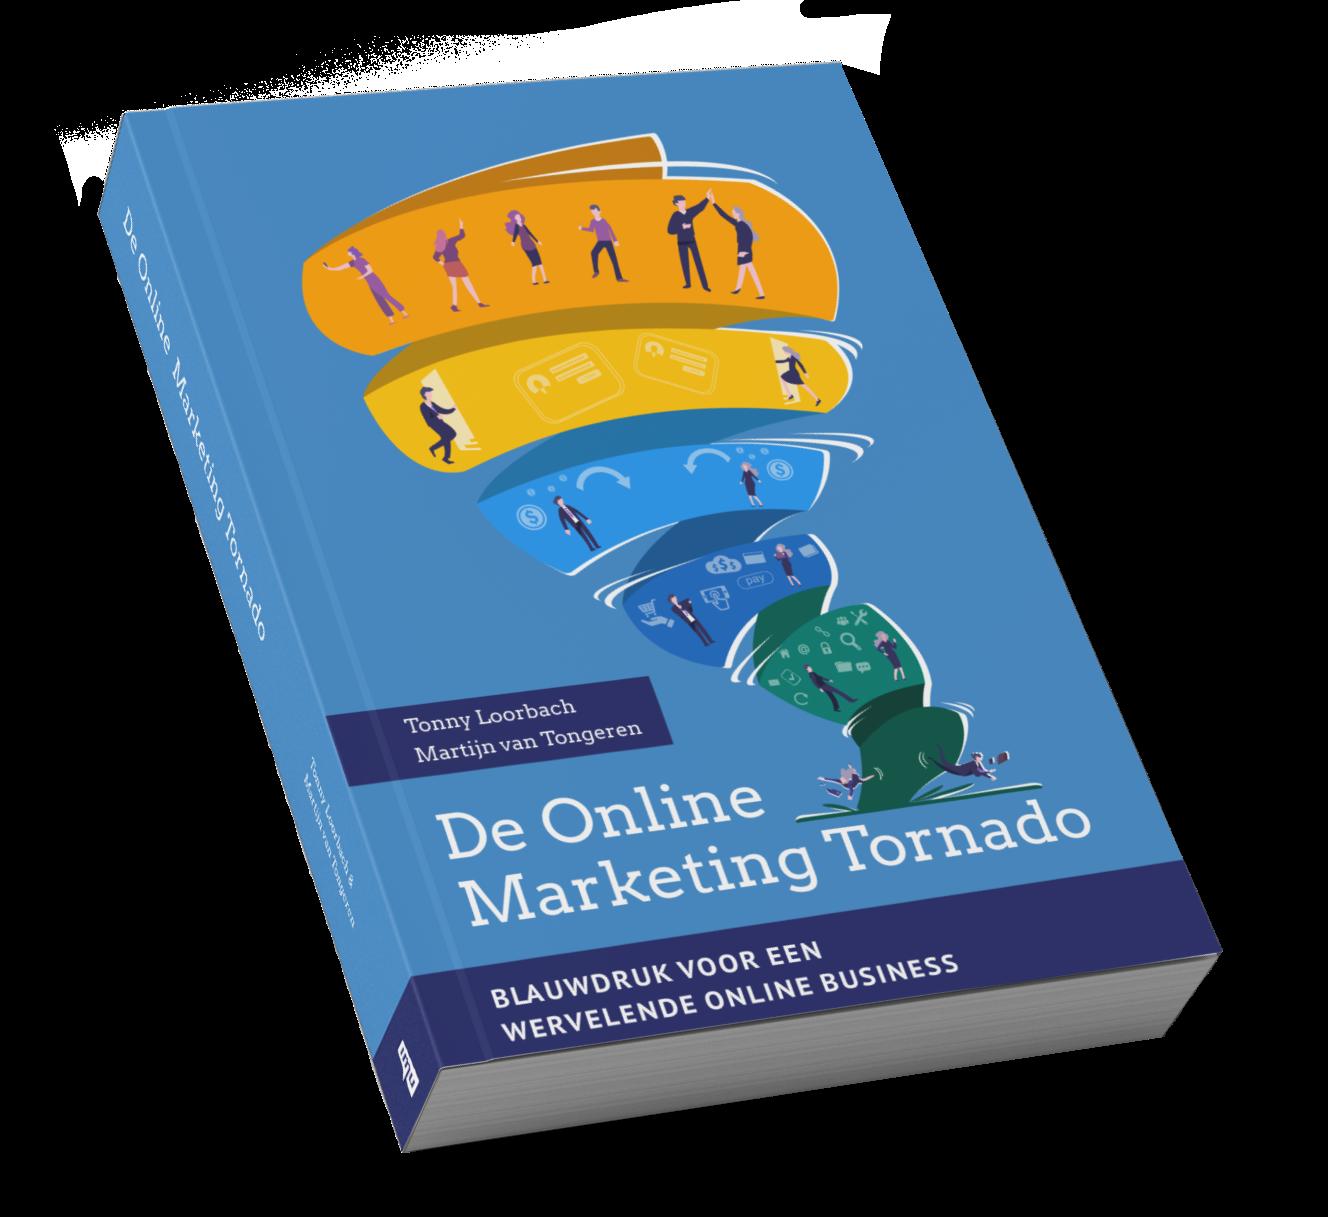 online-marketing-tornado-boek-tonny-loorbach-en-martijn-van-tongeren-imu-2020